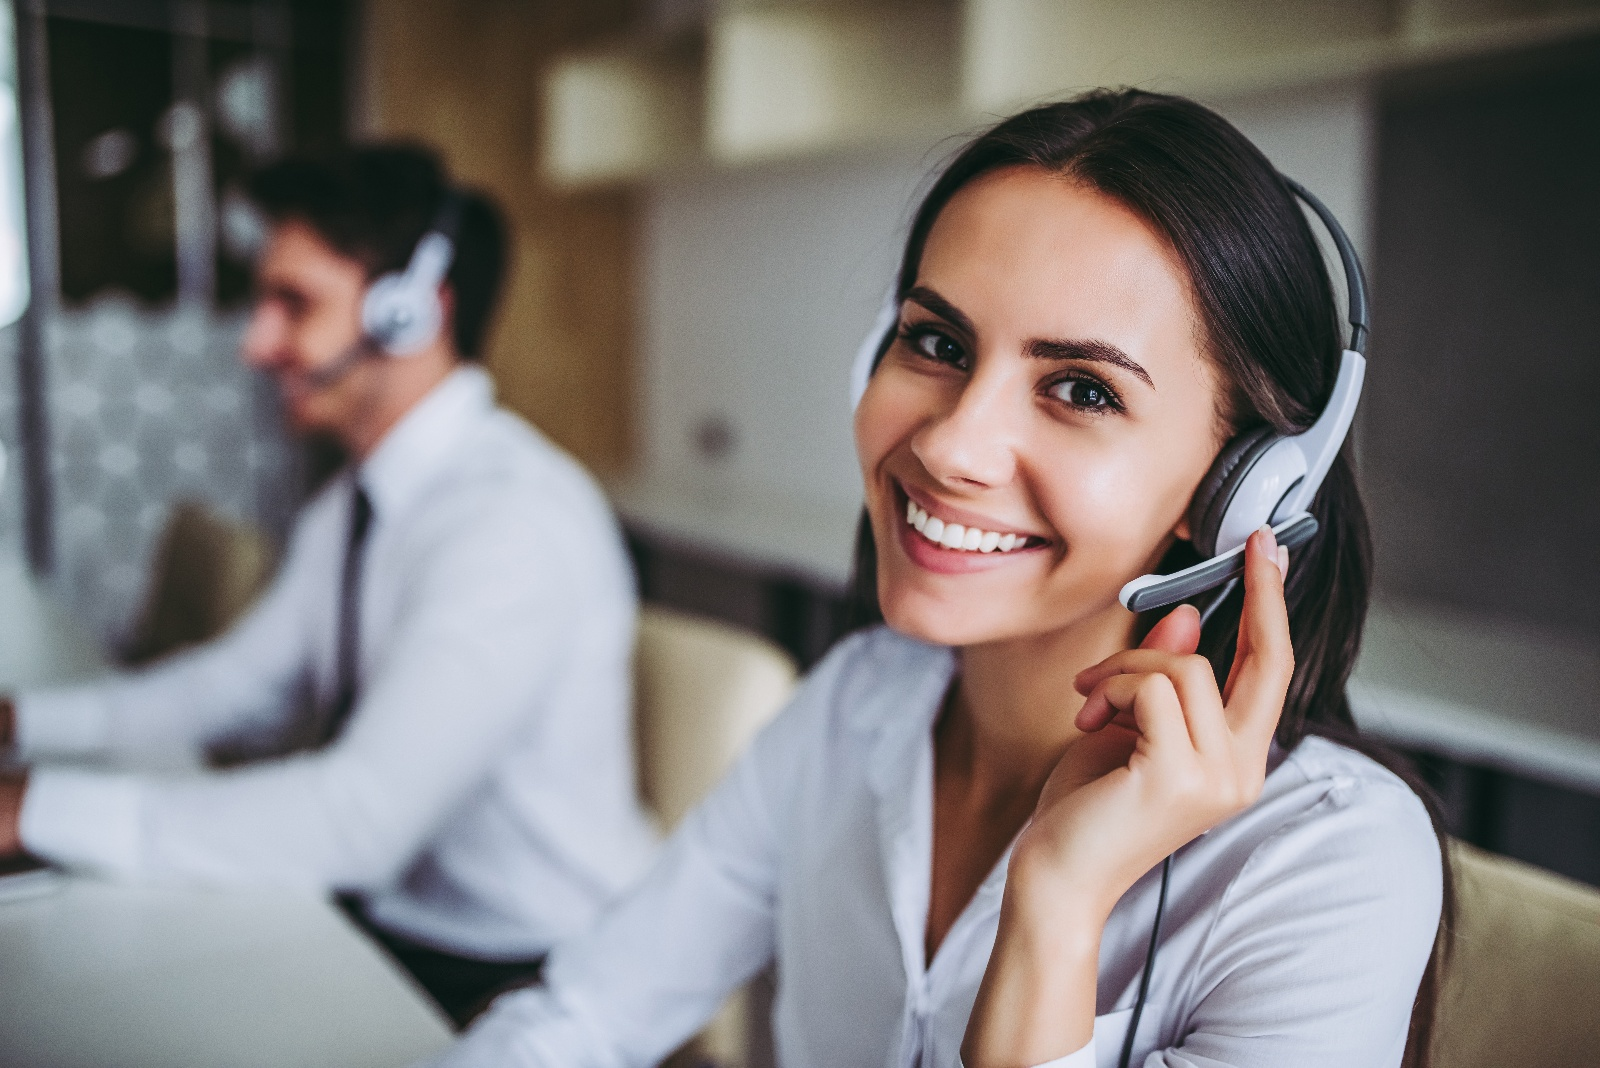 Contact Center Representative